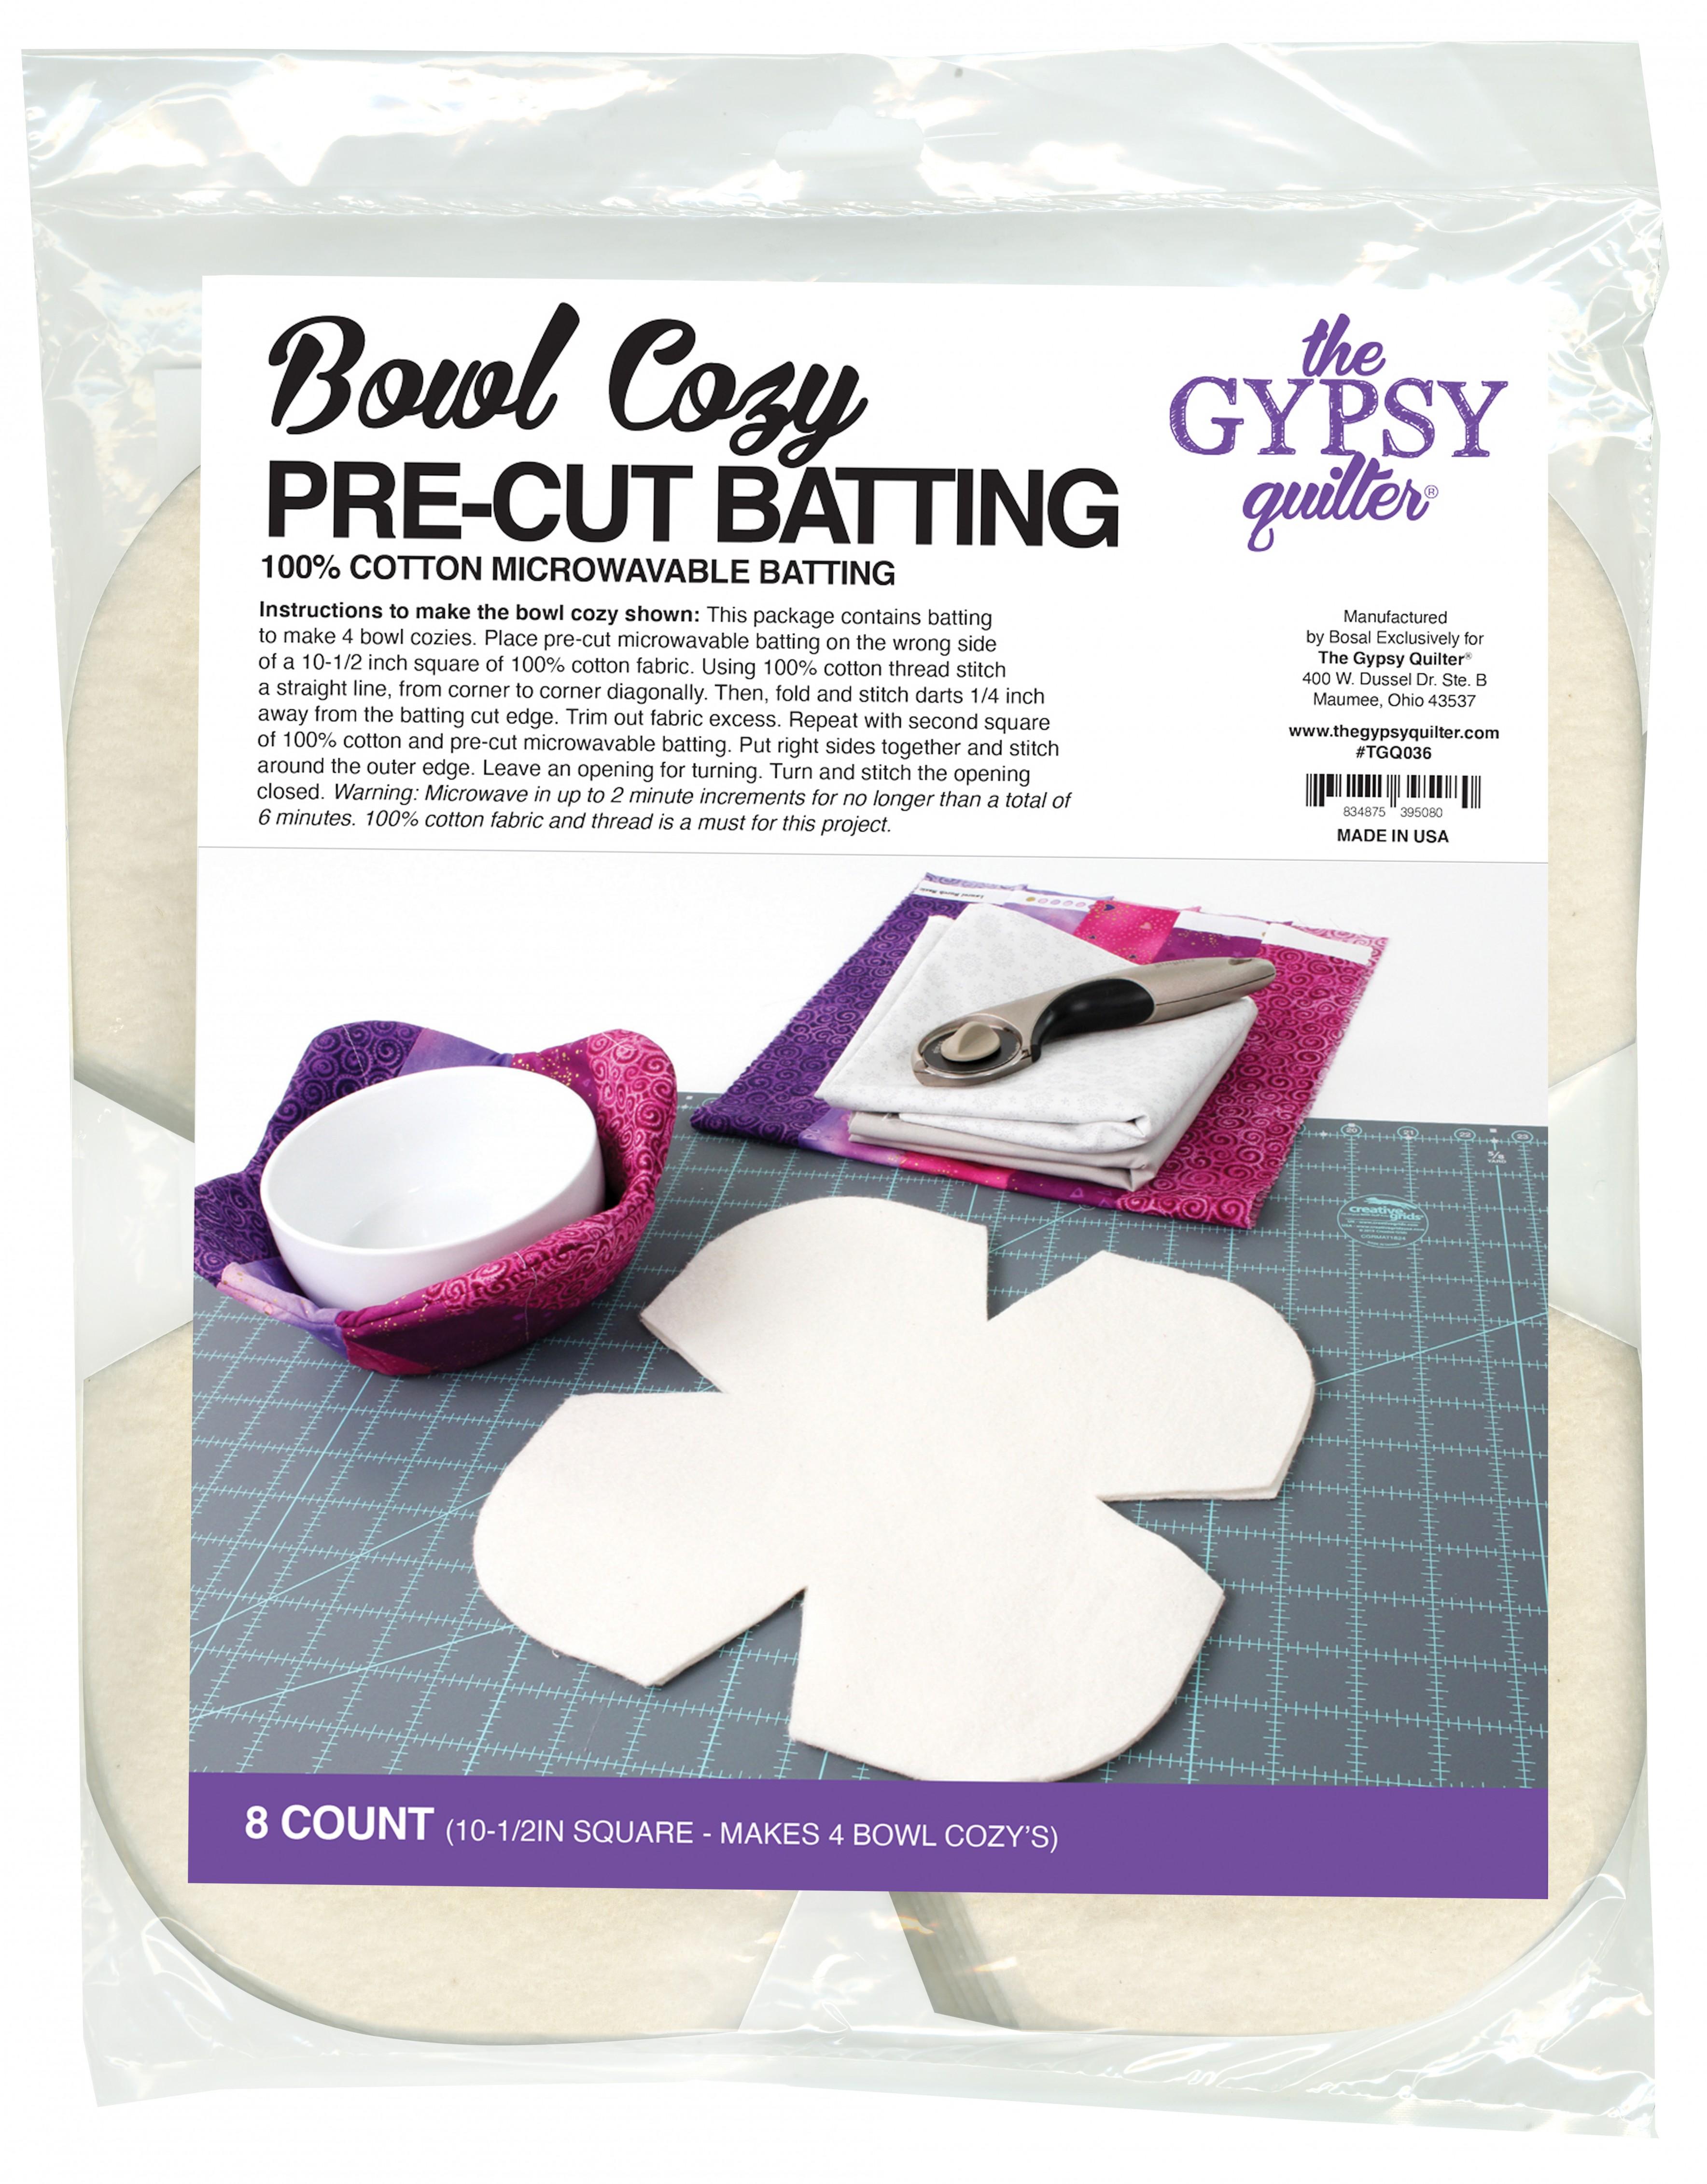 machine washable reversible Microwaveable Bowl Cozies set of 3 includes 1 lge2 reg double cotton batting